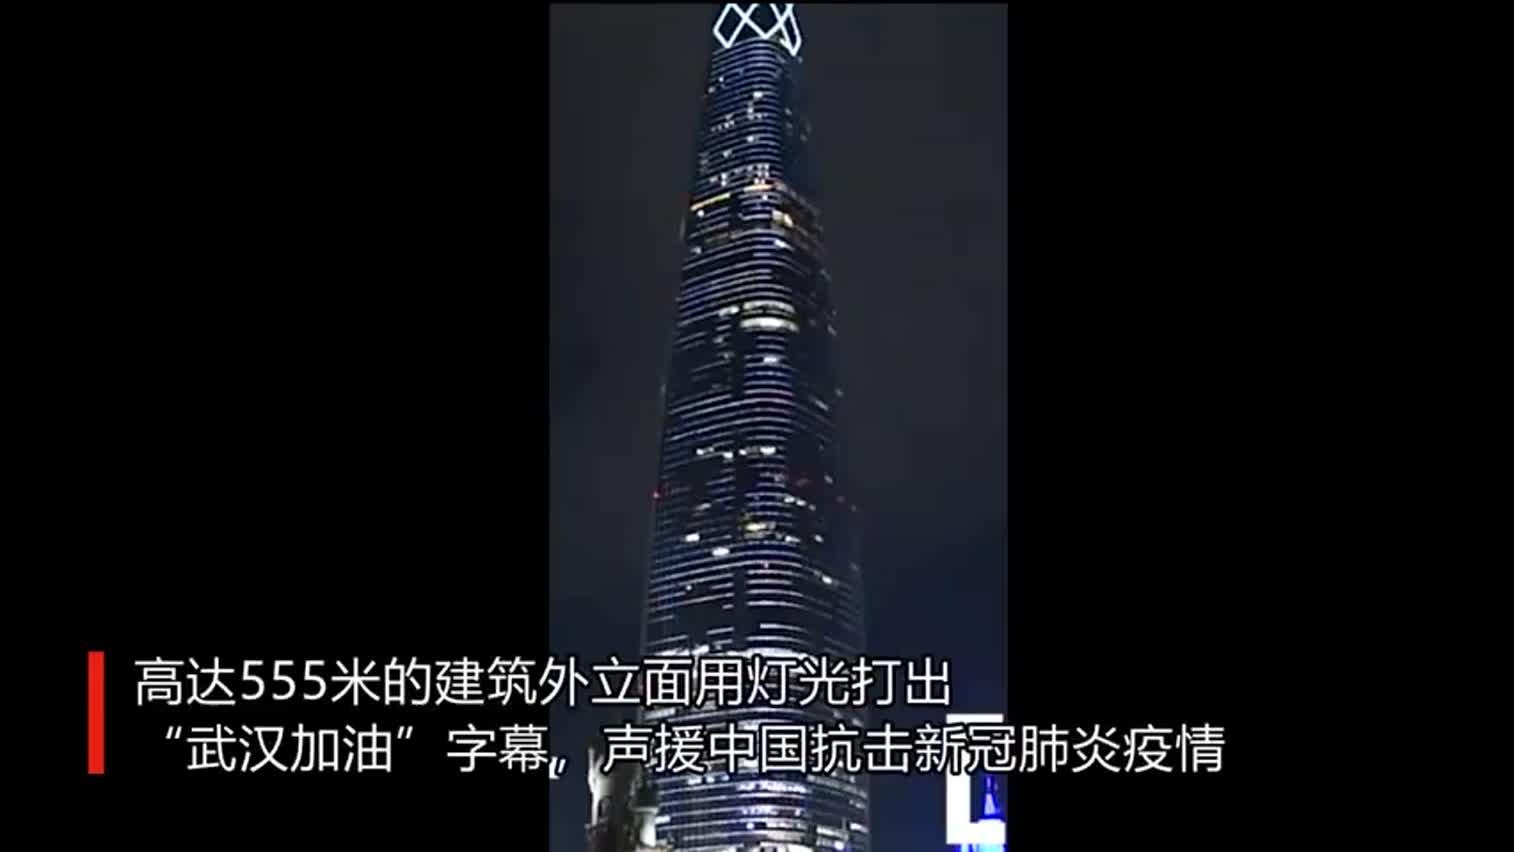 视频-韩国555米最高大楼打出中文字幕:武汉加油